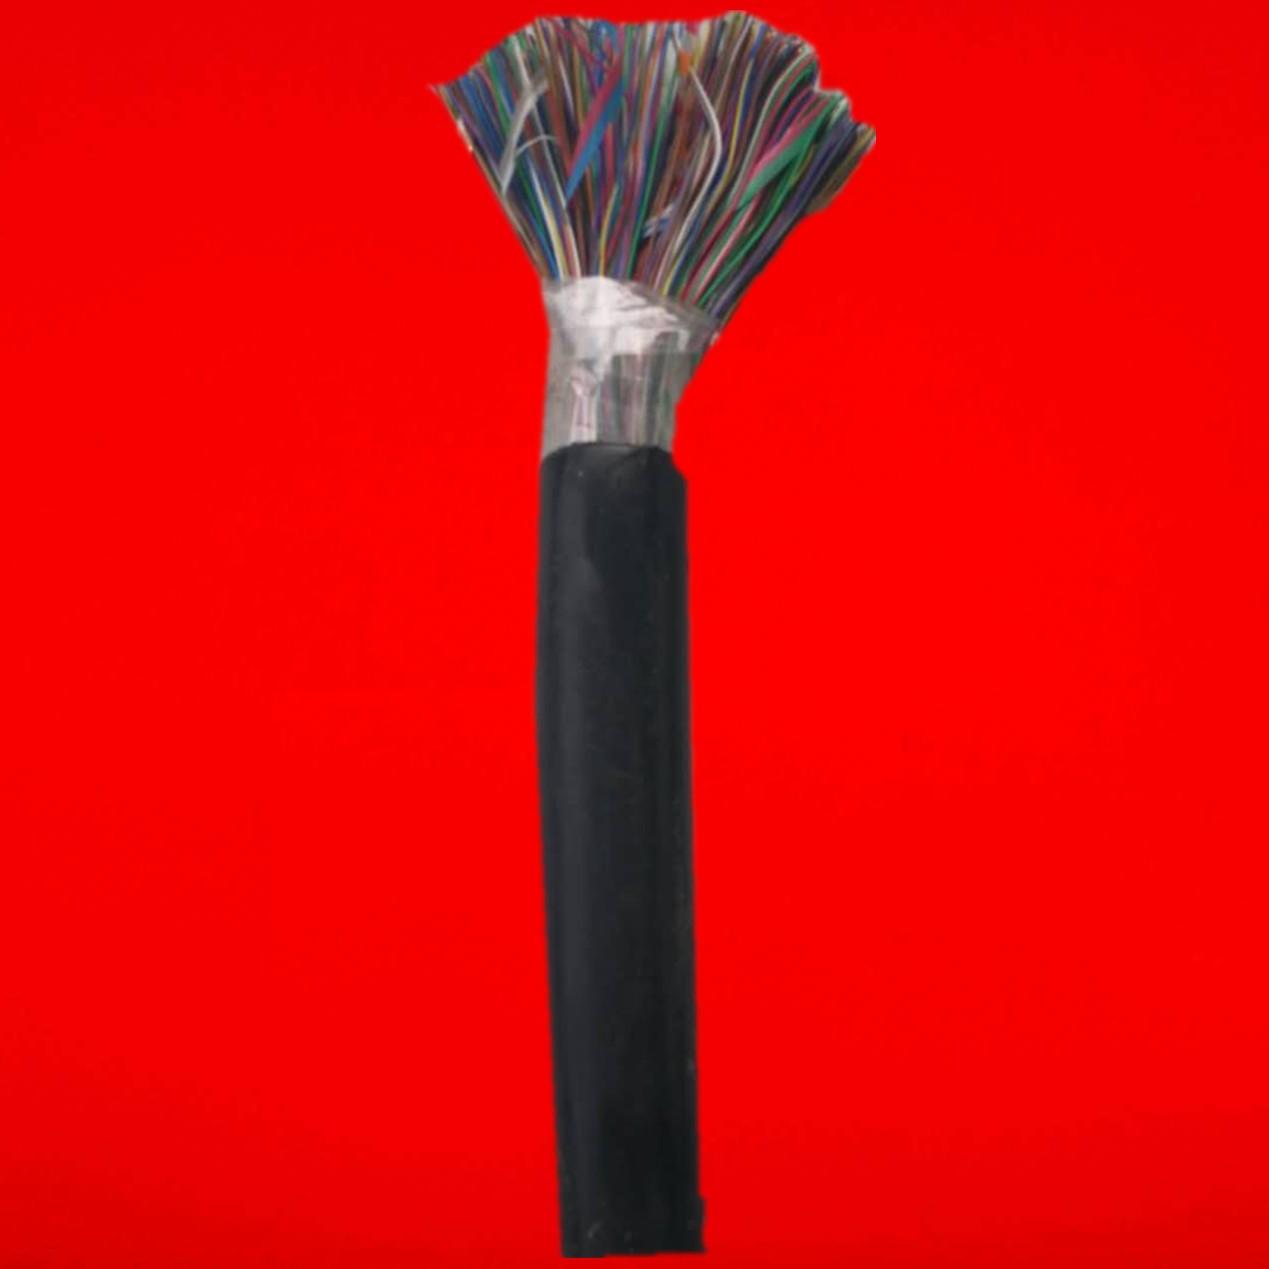 武安礦用同軸電纜MSLYFYVZ-50-9國標